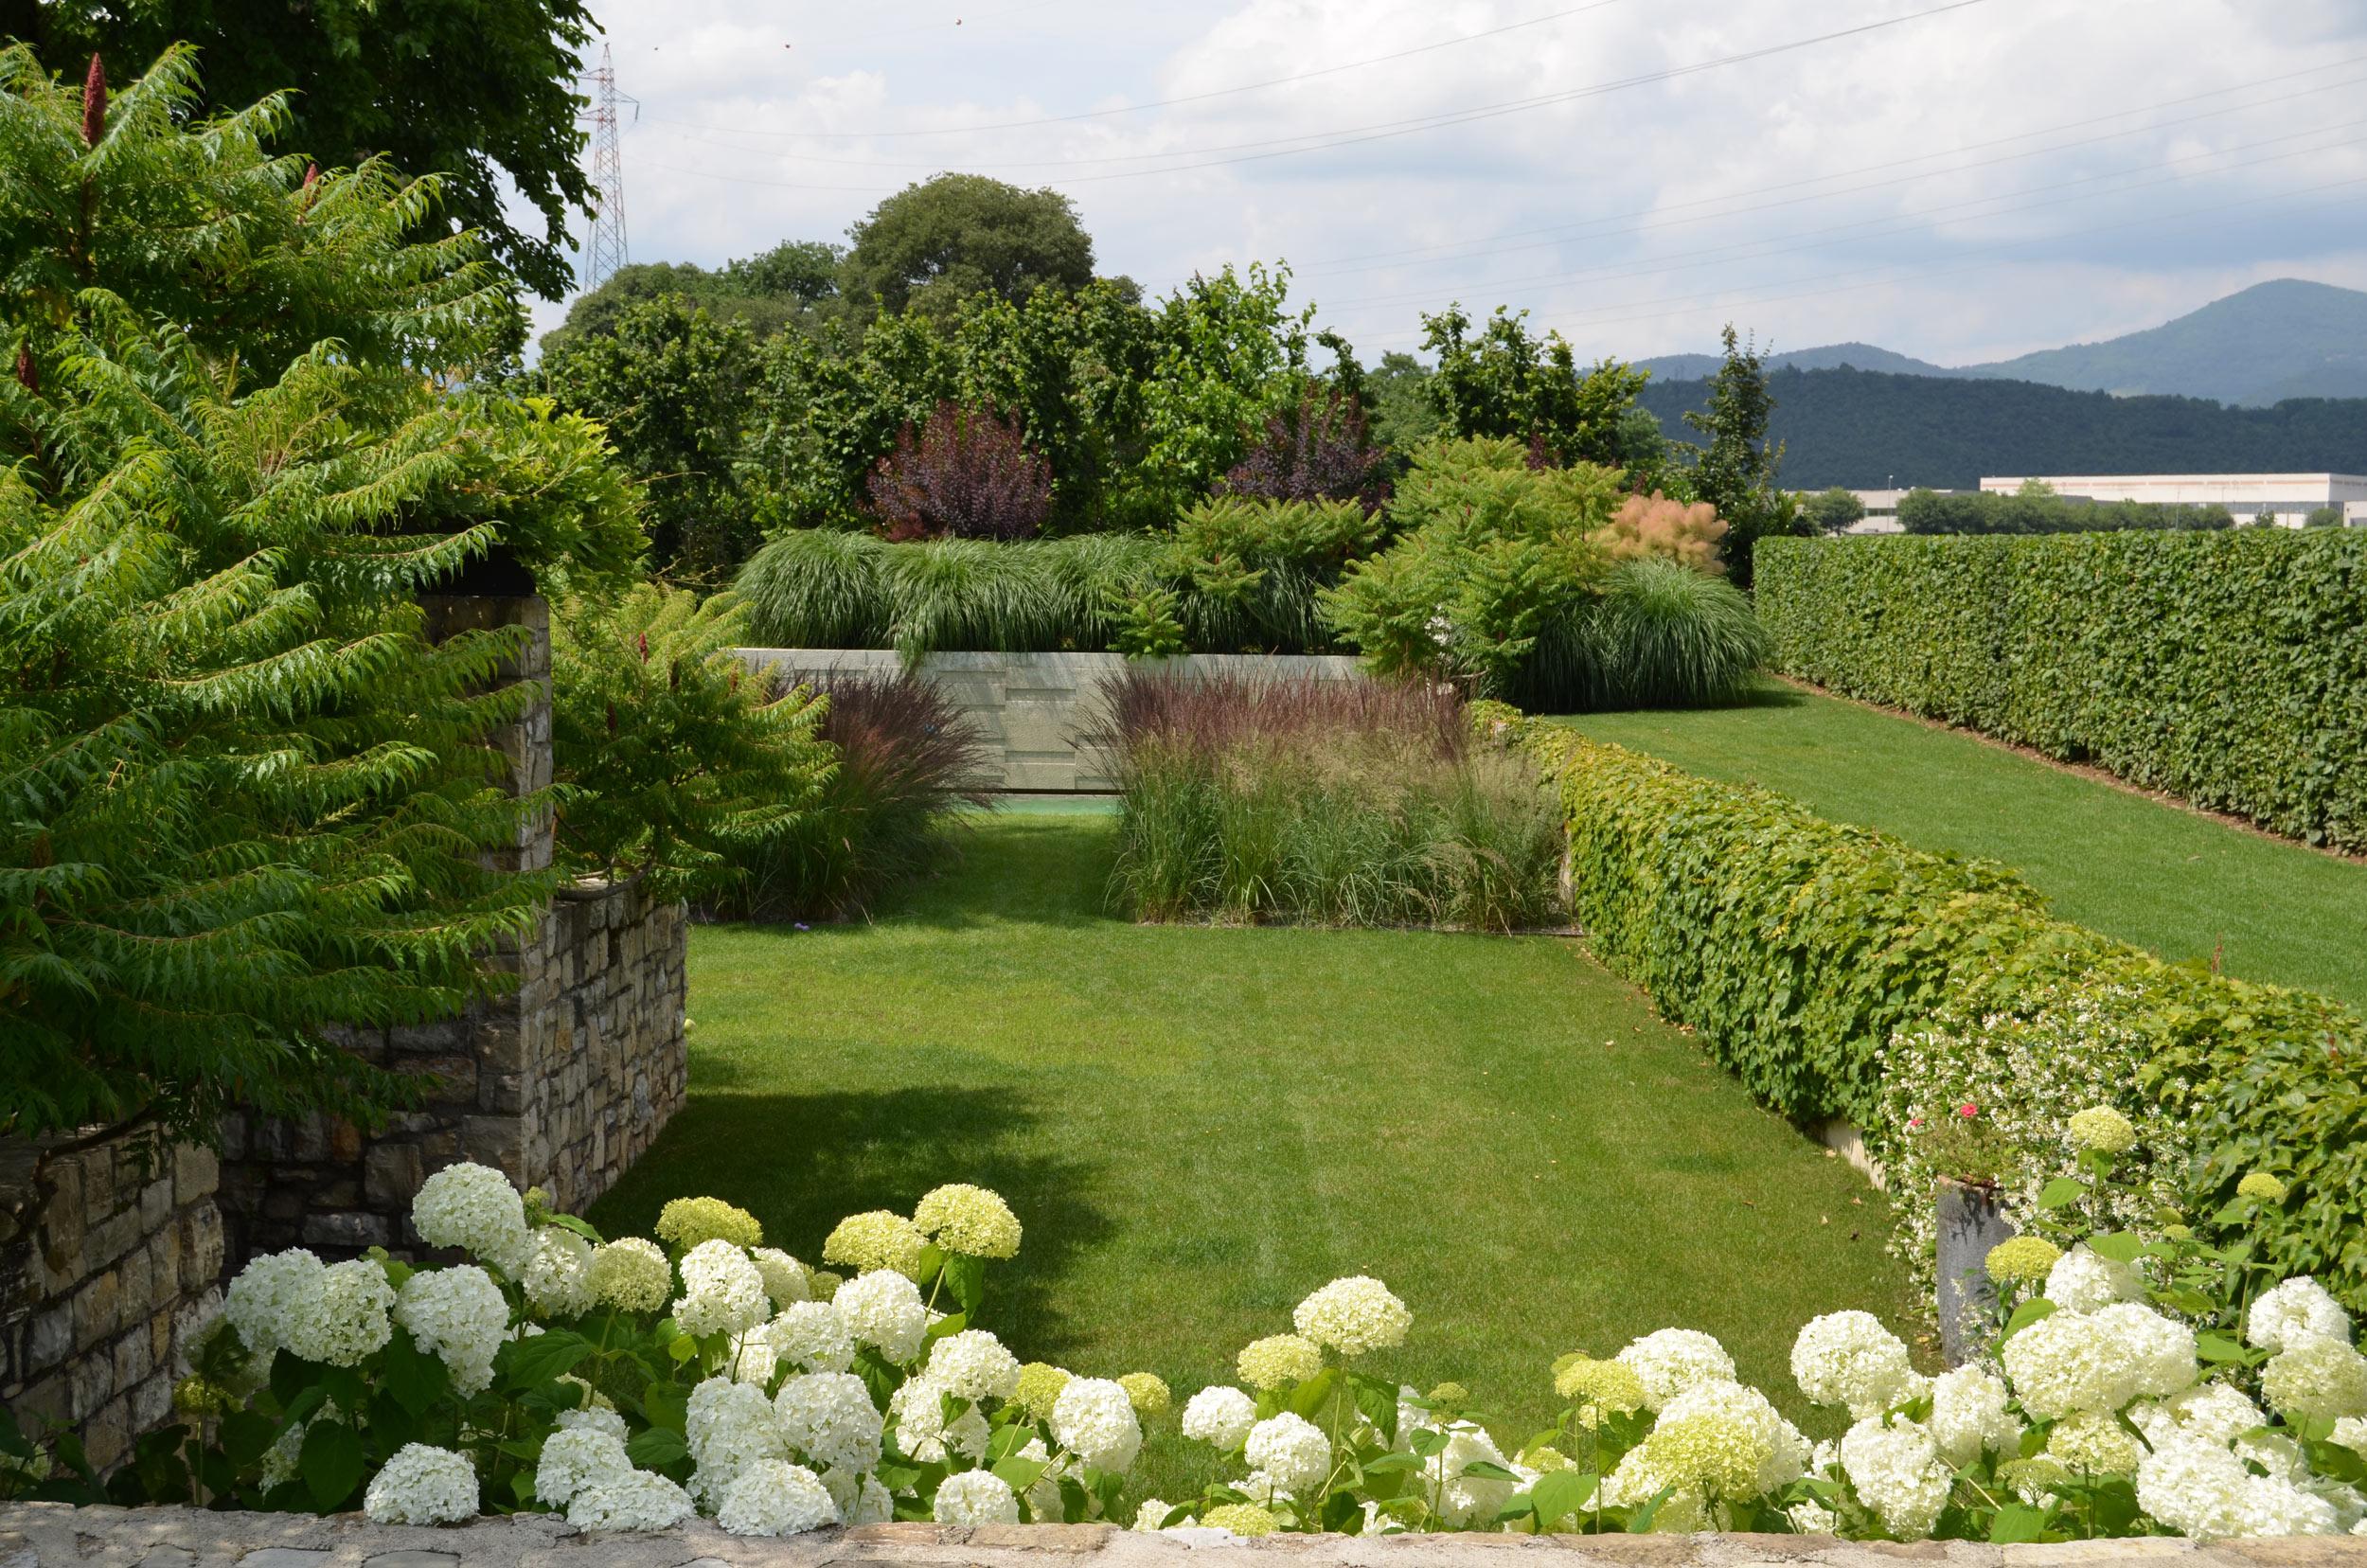 Progettazione giardini privati brescia matite verdi di simone montani agronomo paesaggista - Immagini di giardini fioriti ...